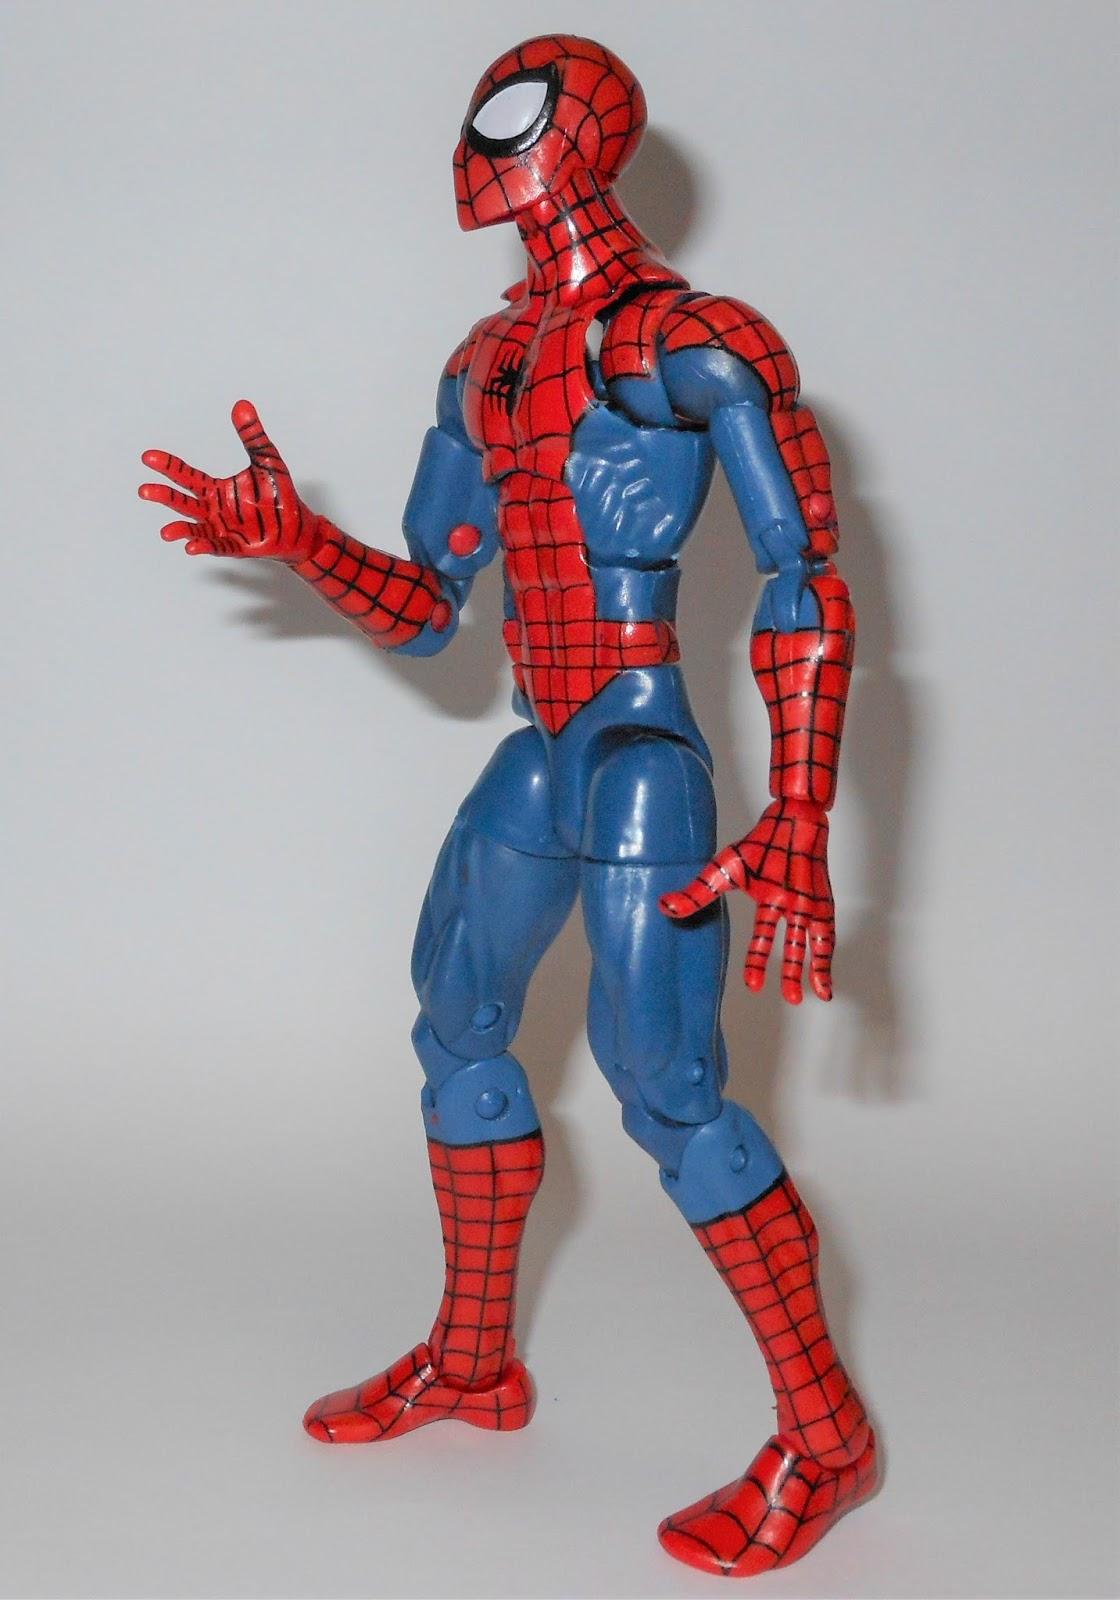 Sandman-SPIDER-MAN TITAN HERO PERSONAGGIO cattivi 30cm DA HASBRO